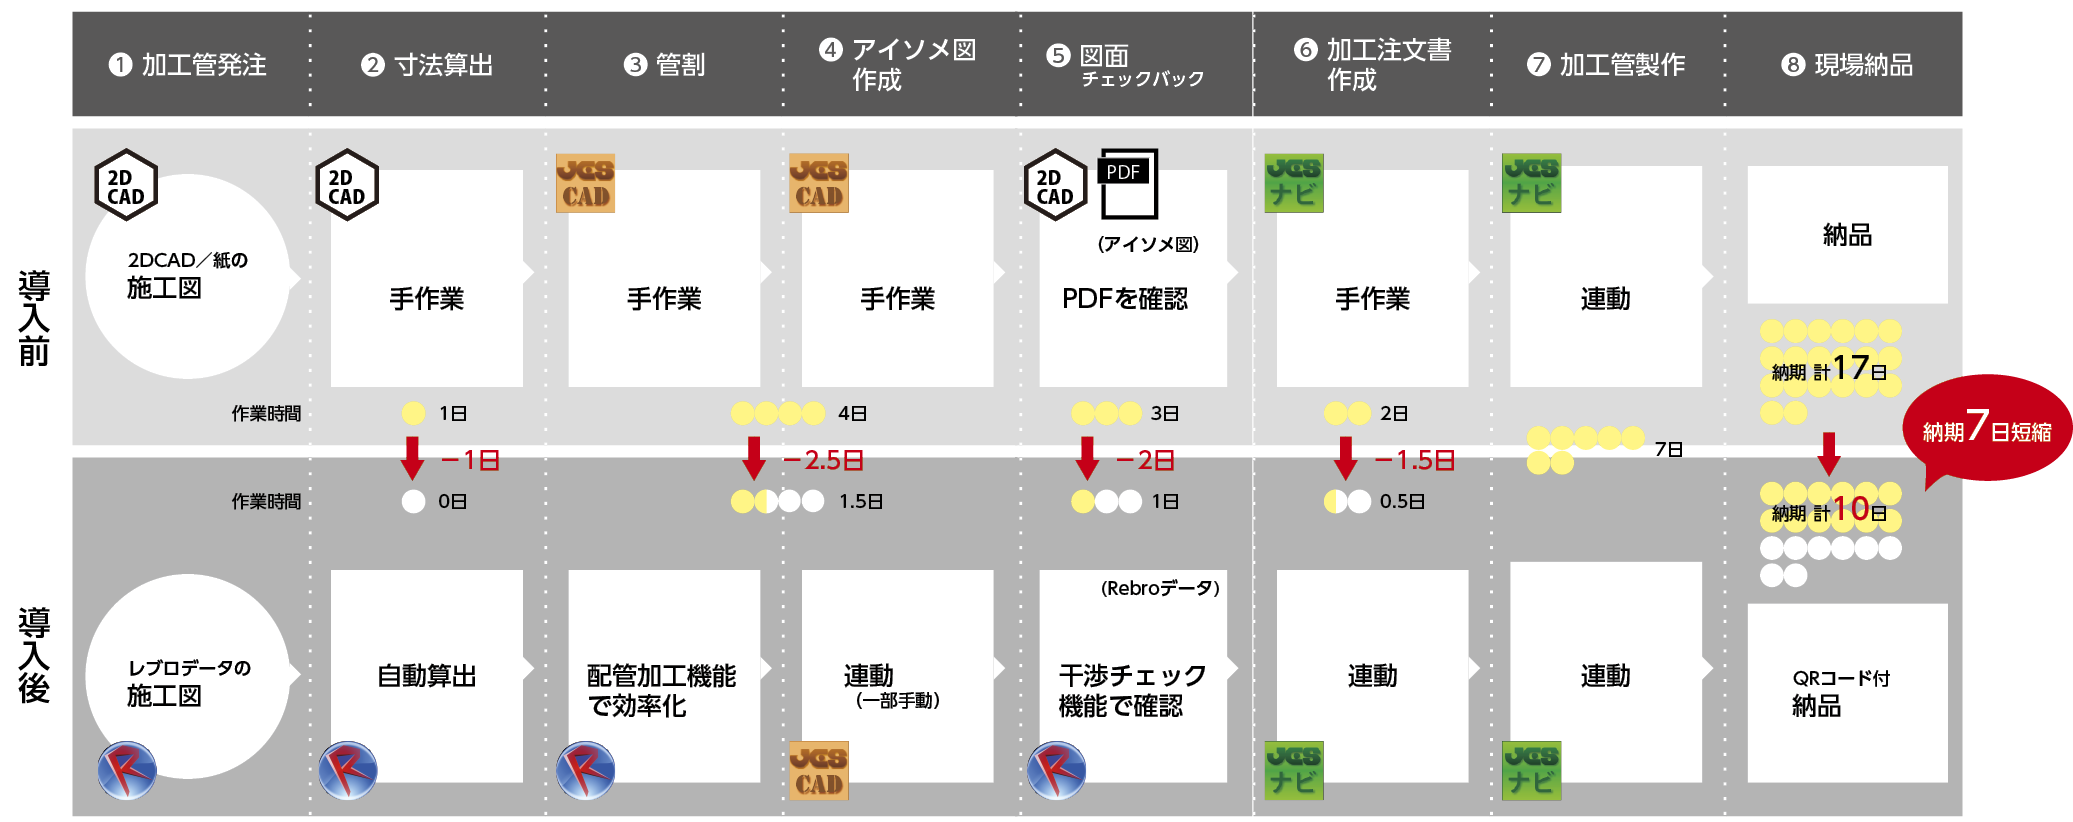 ▲(図2)加工管発注から現場納品までのフローの変化(ステンレス加工管30~40ピースを想定)